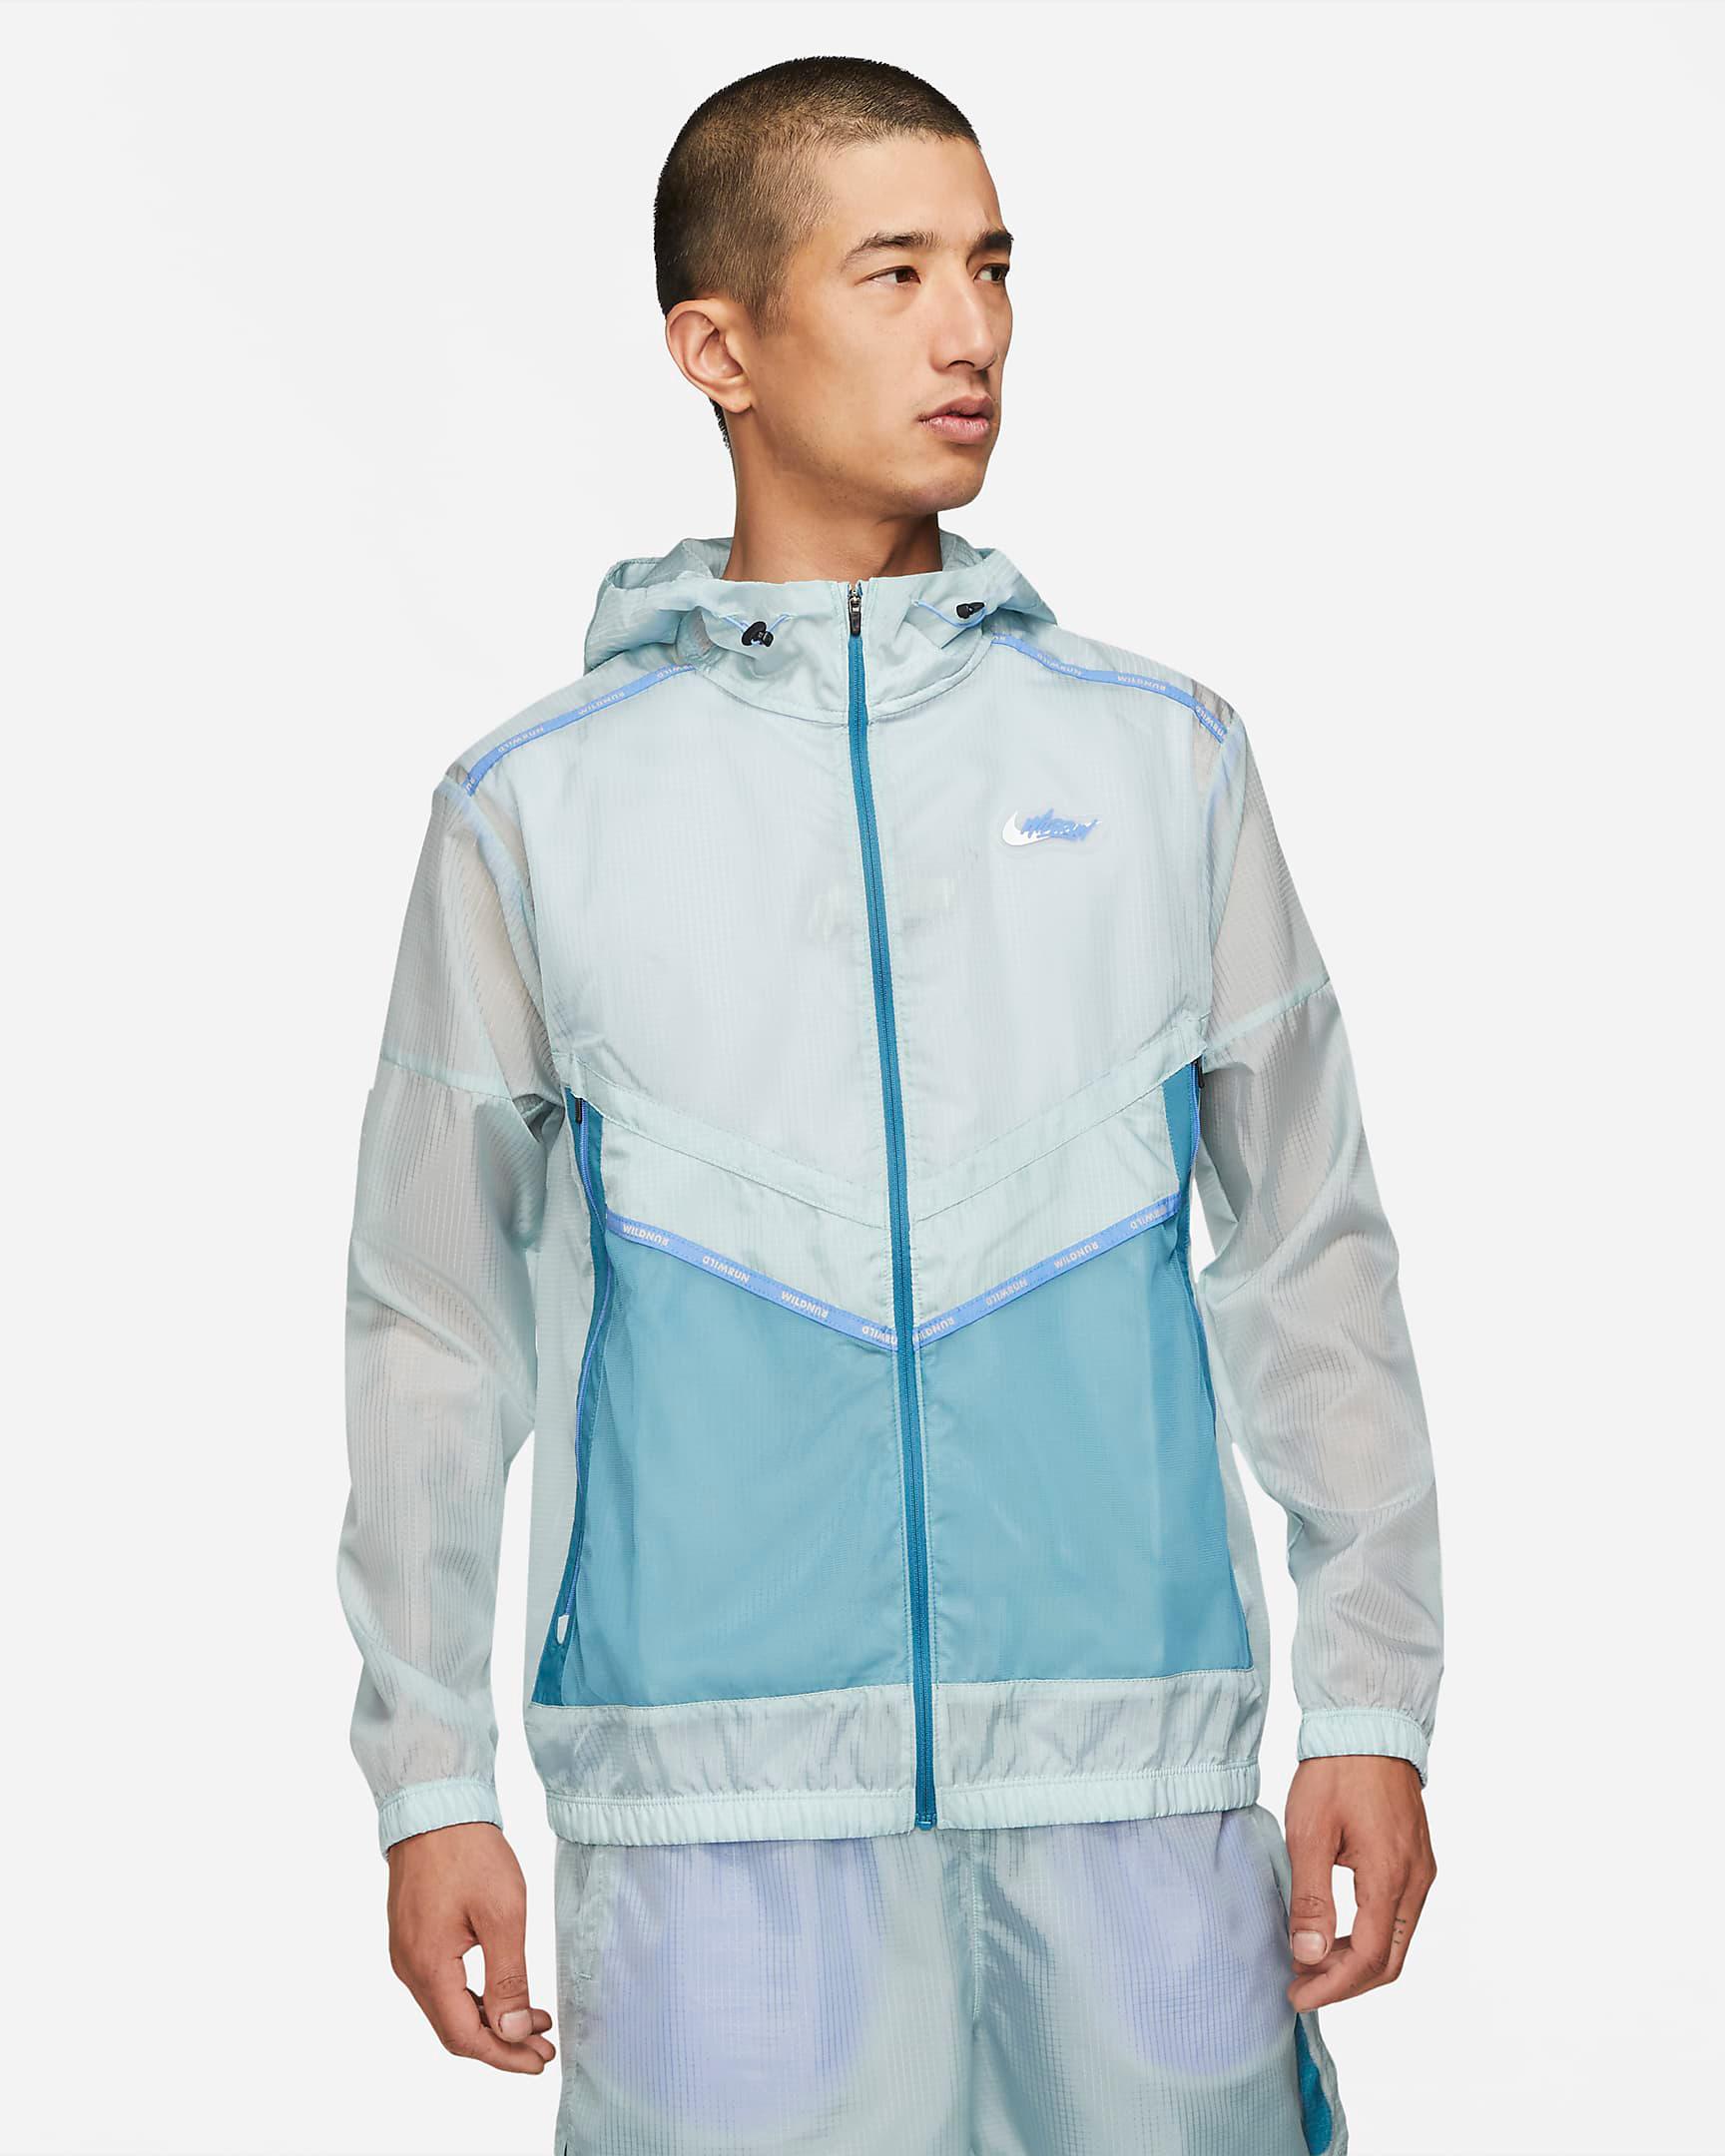 nike-rift-blue-wild-run-windrunner-jacket-1